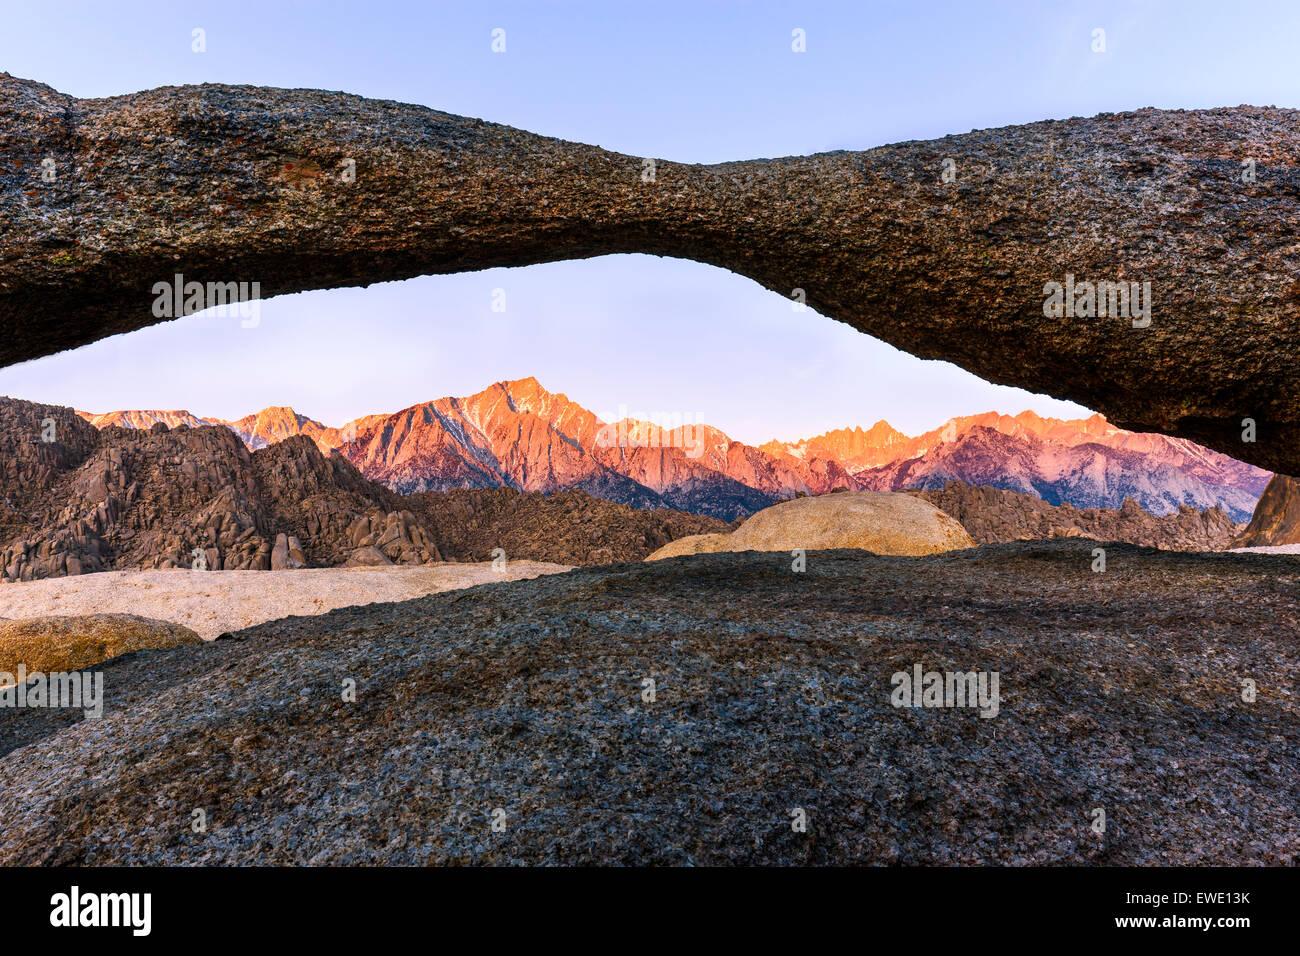 Amanecer en torno Arch en las colinas de Alabama con la vista hacia la Sierra Nevada, California, EE.UU.. Foto de stock